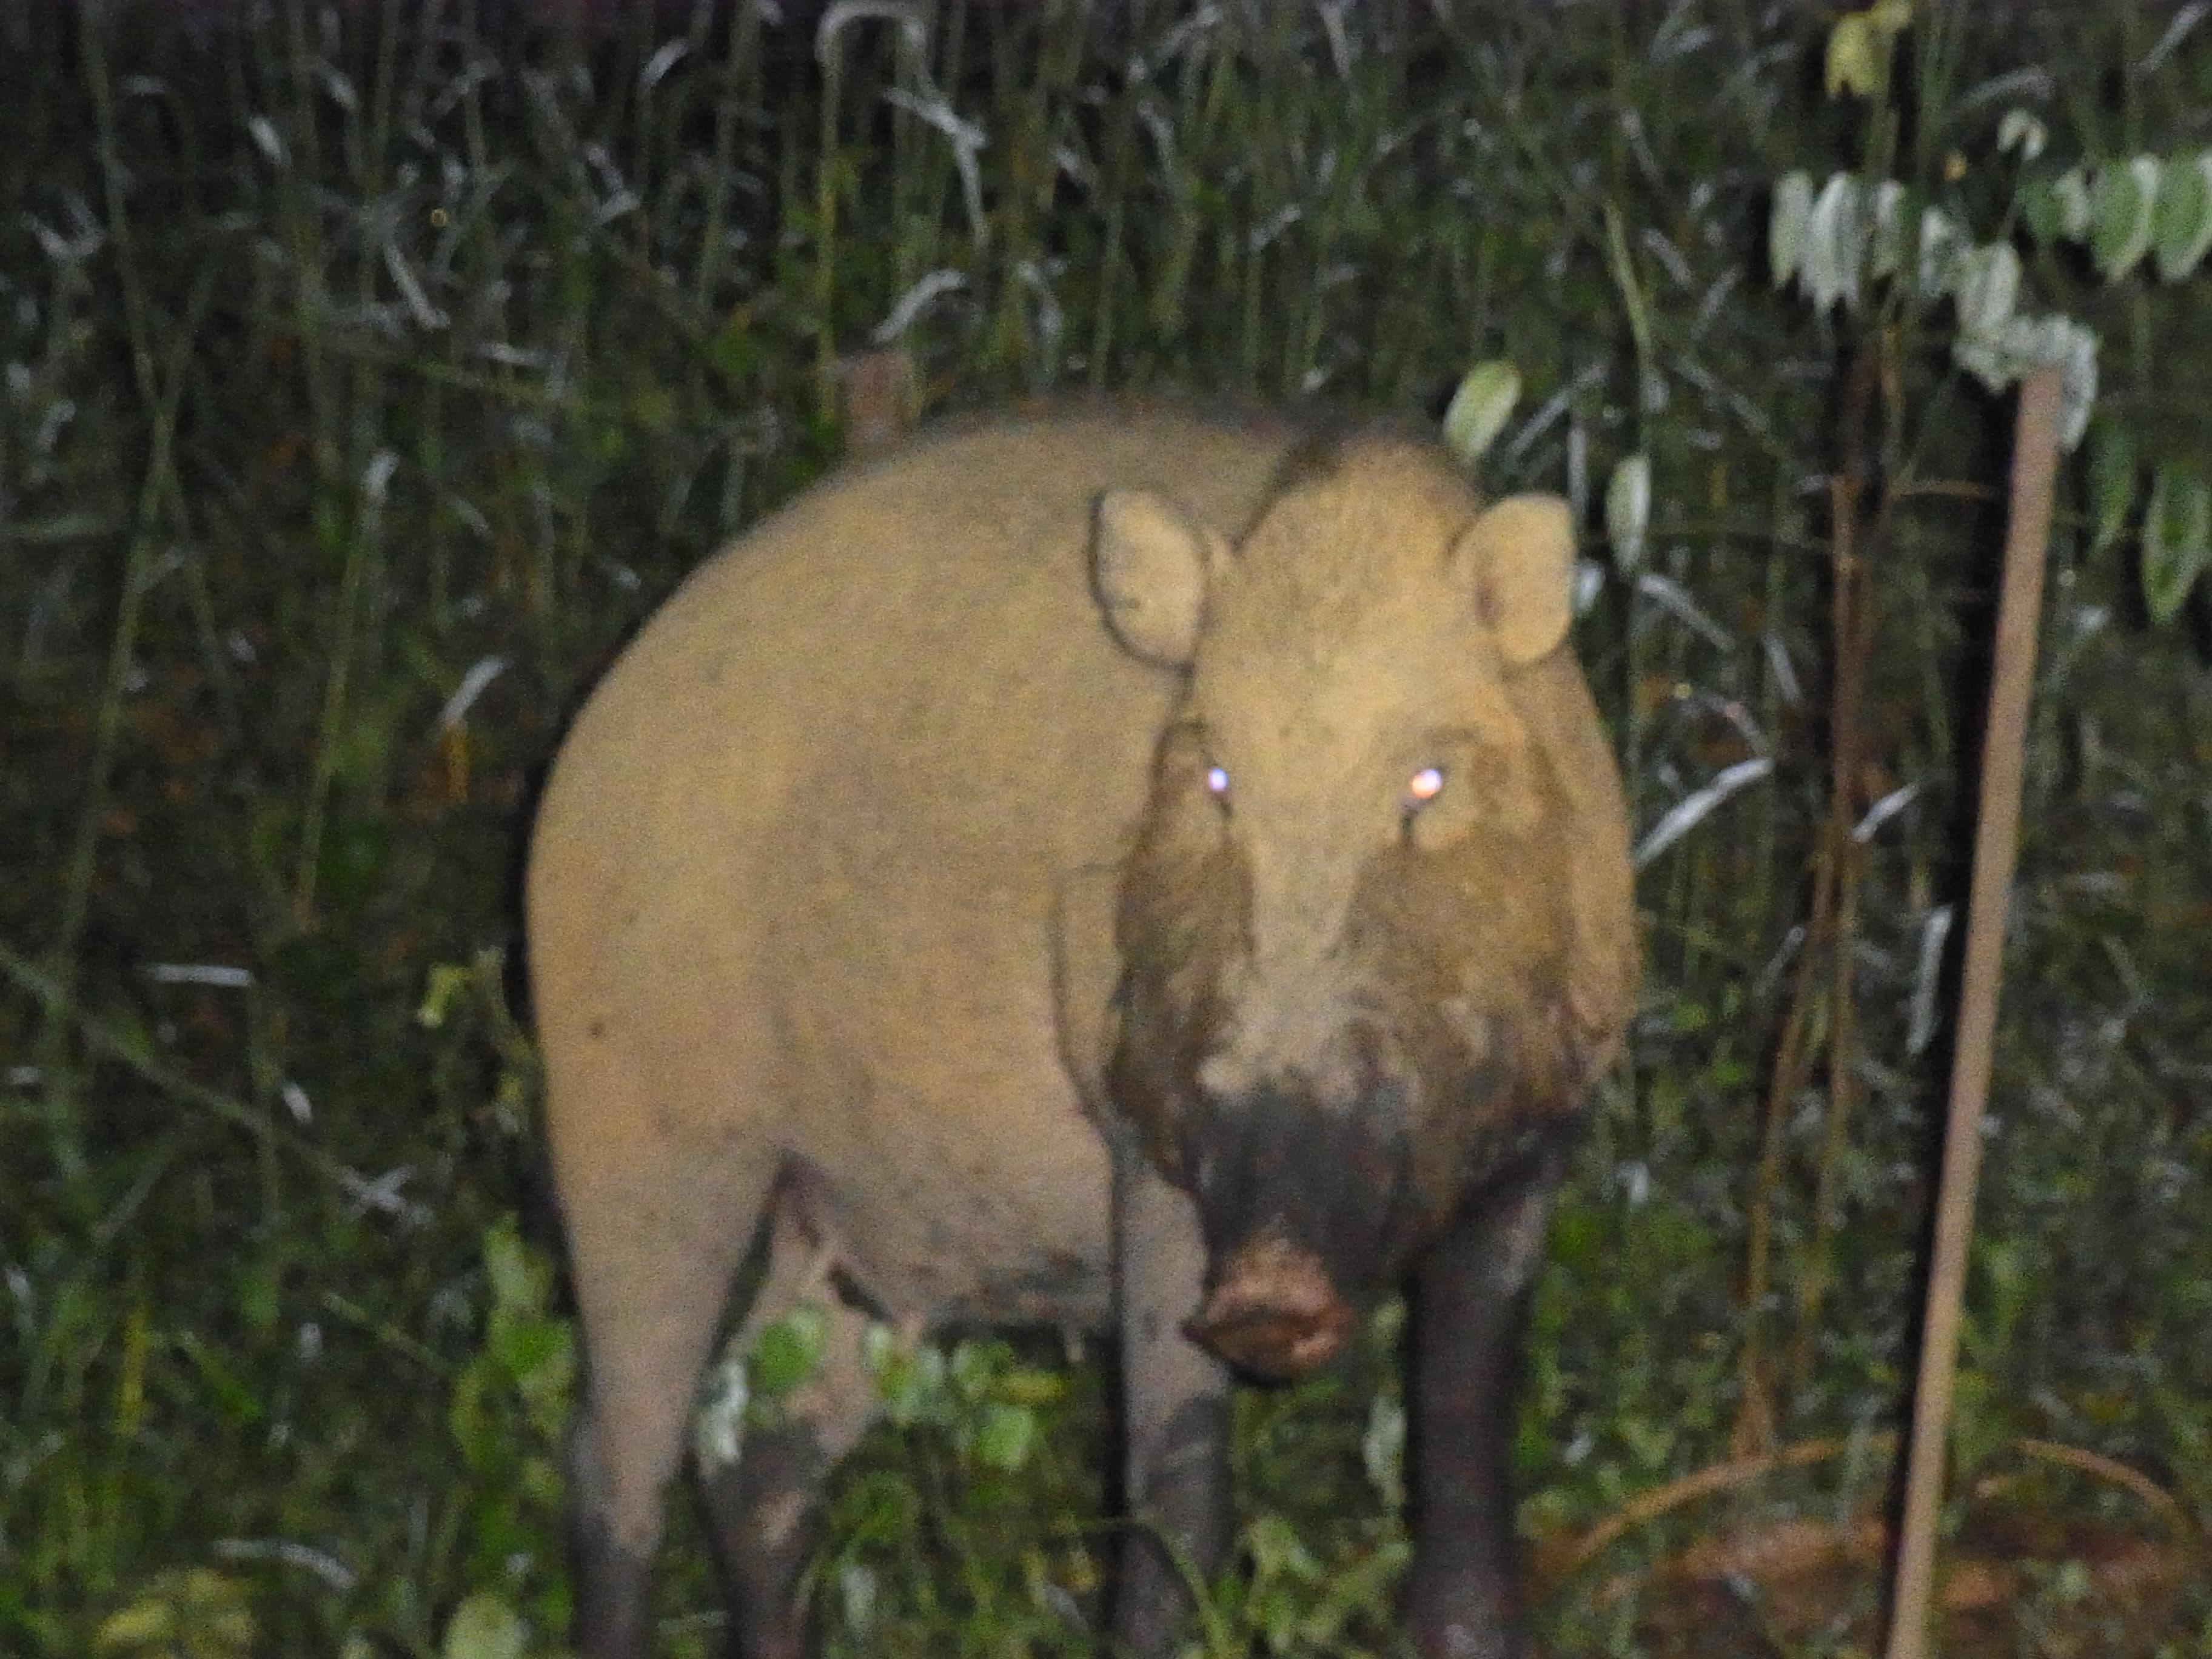 ヒゲイノシシ / Sus barbatus/ Bearded Pig at Kg. Dagat, Borneo